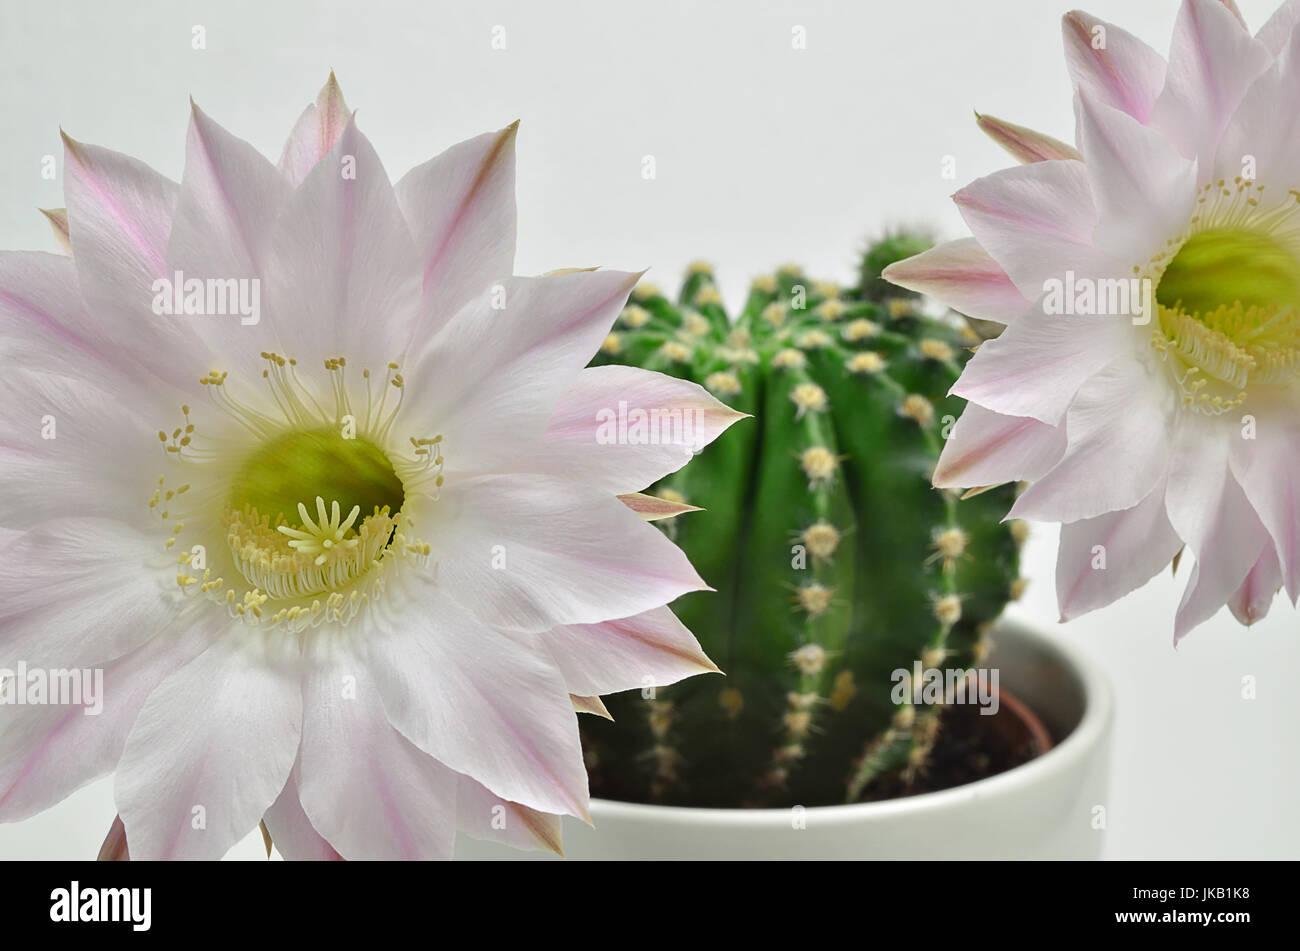 nahaufnahme einer konigin der nacht kaktus mit zwei bluten nahaufnahme makro weisser